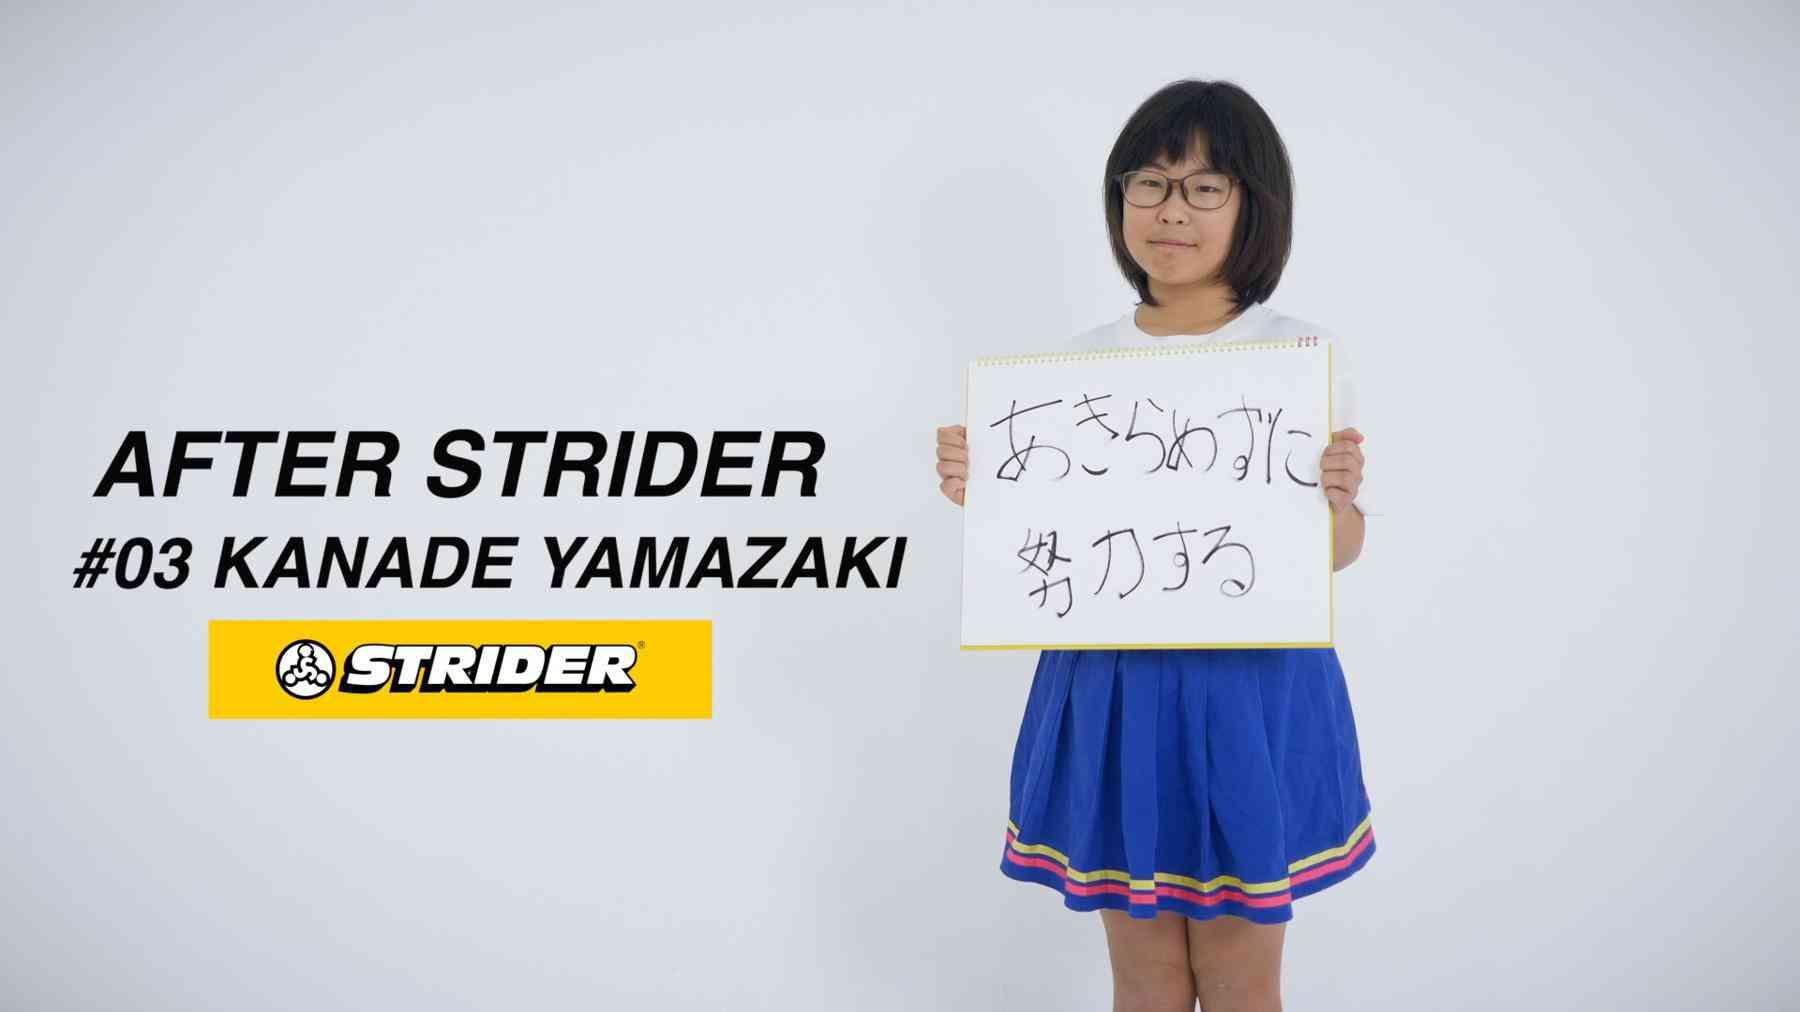 ストライダー卒業生インタビューVol.3 様々なスポーツに挑戦し続ける山崎奏ちゃん